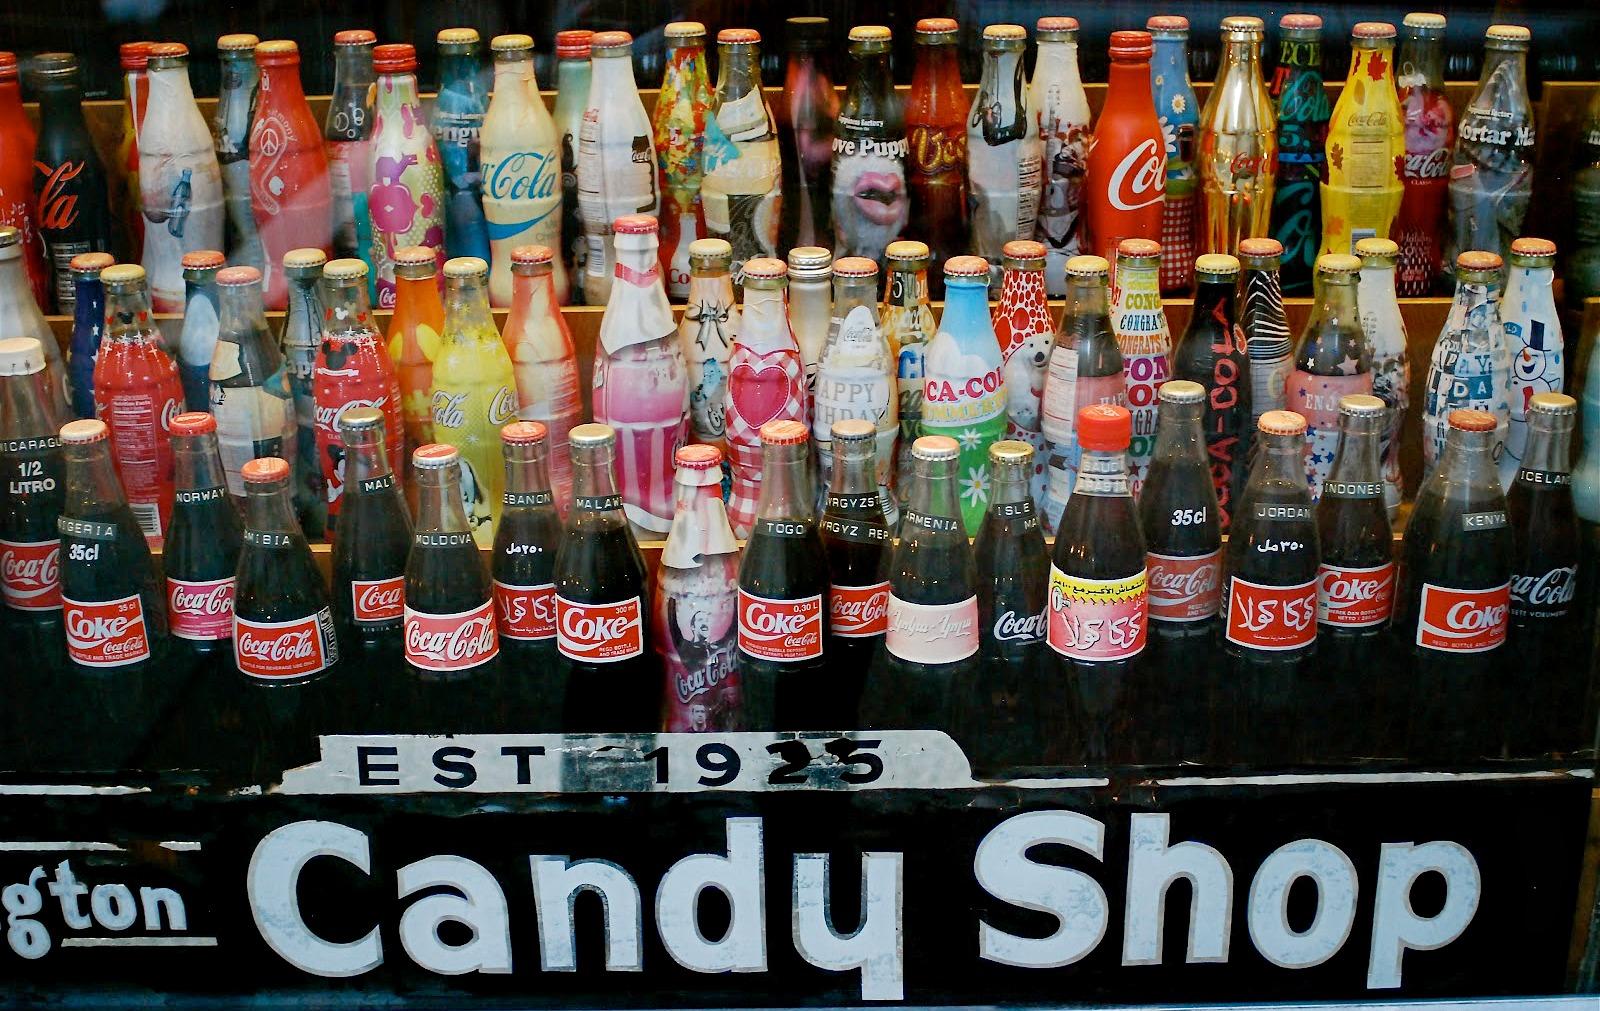 Lexington Candy Shop, Coca Cola collection, vintage coke bottles, NYC luncheonette